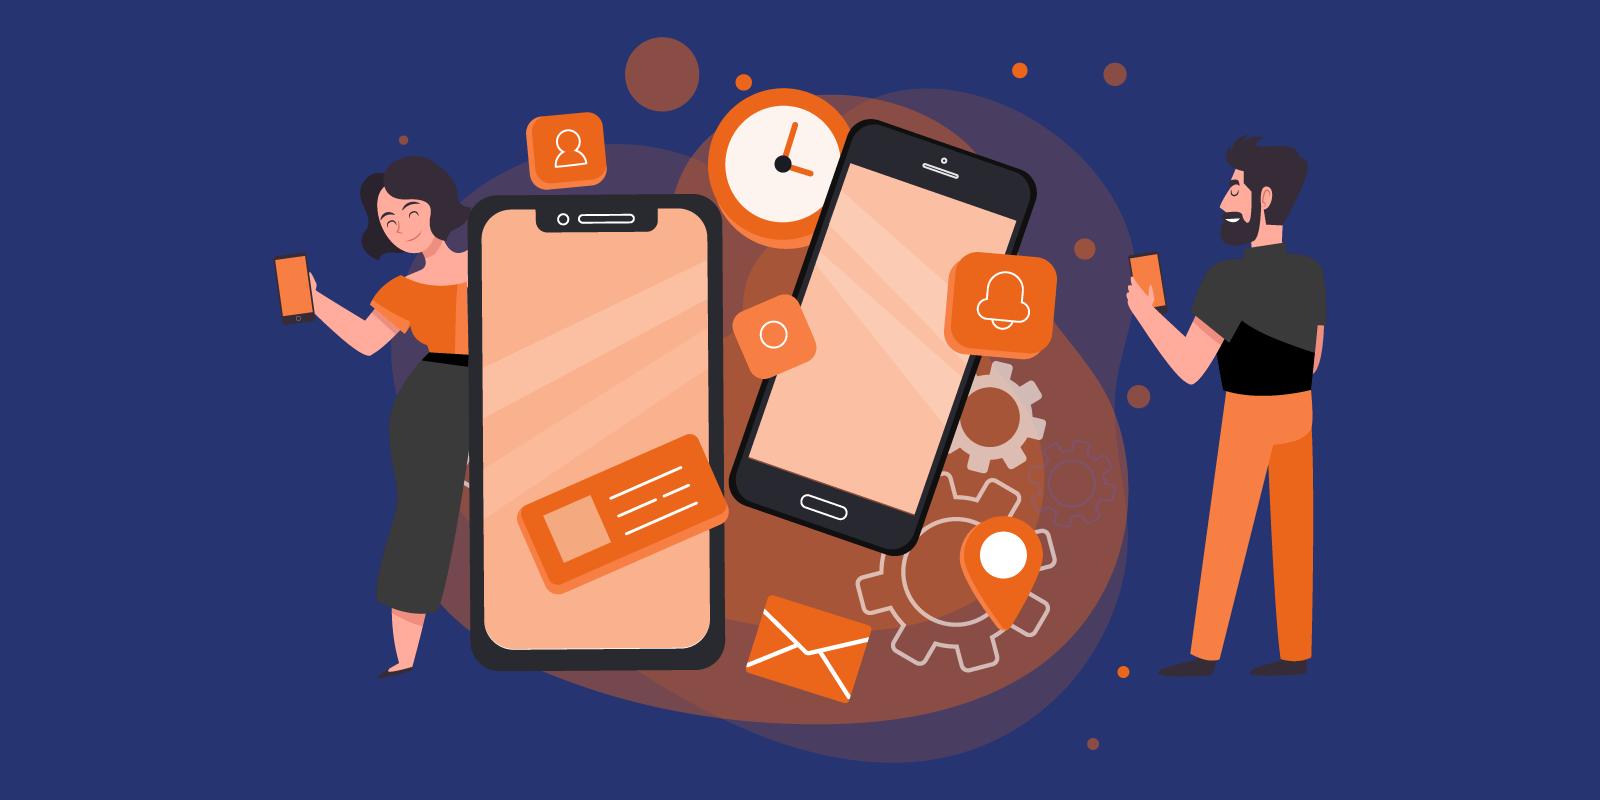 Arrivano Le App, Per La Famiglia Fulmine Group Sono Strumenti Indispensabili